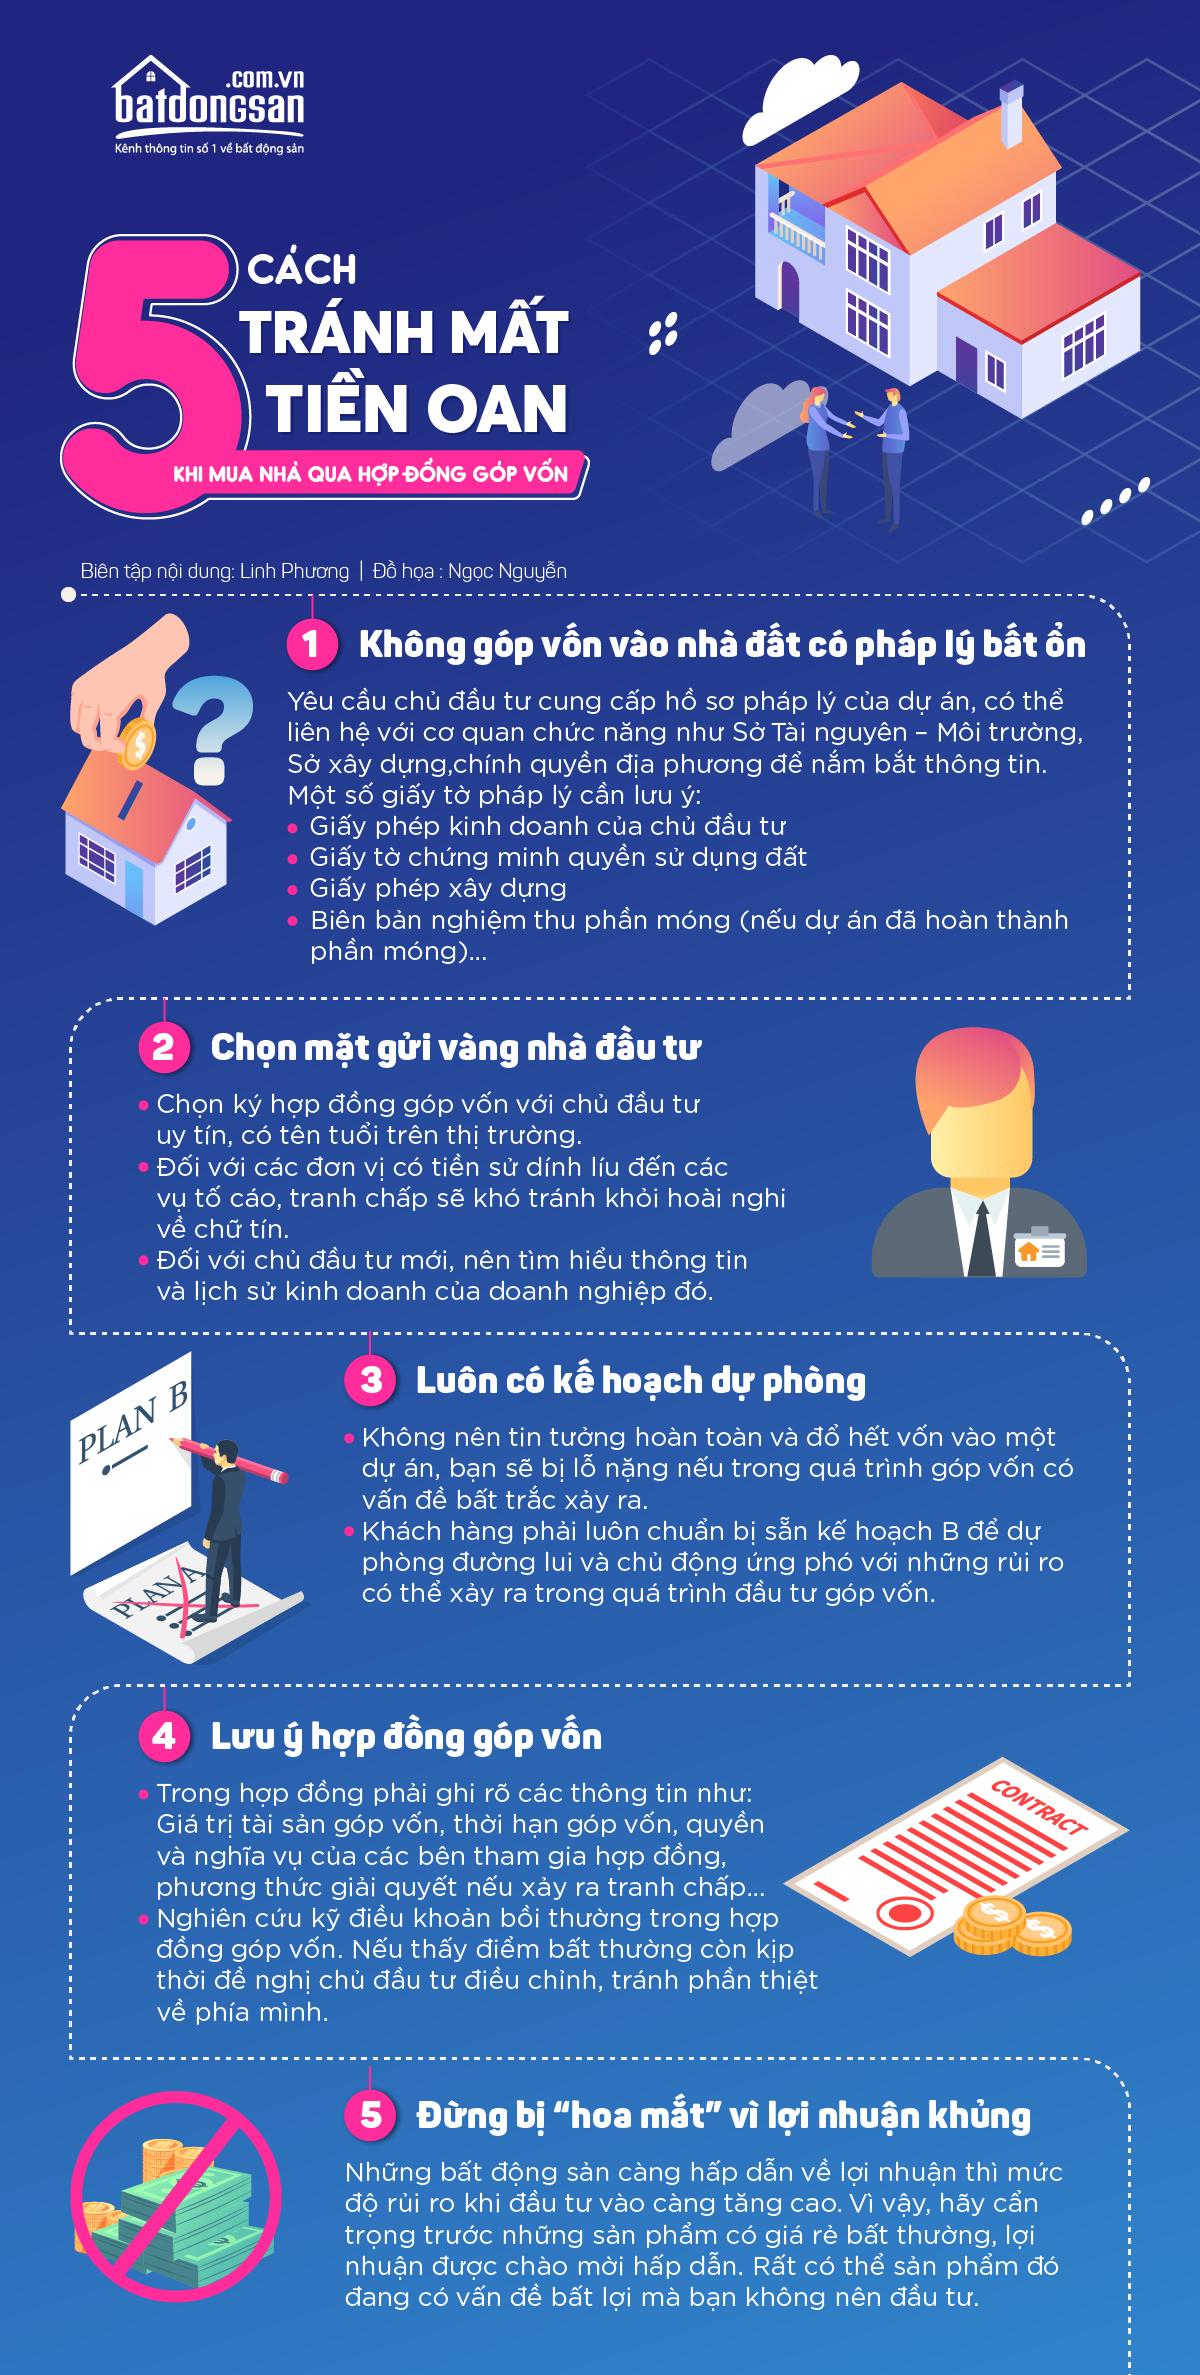 Infographic gồm text, icons ngôi nhà, tiền, nền xanh chữ trắng